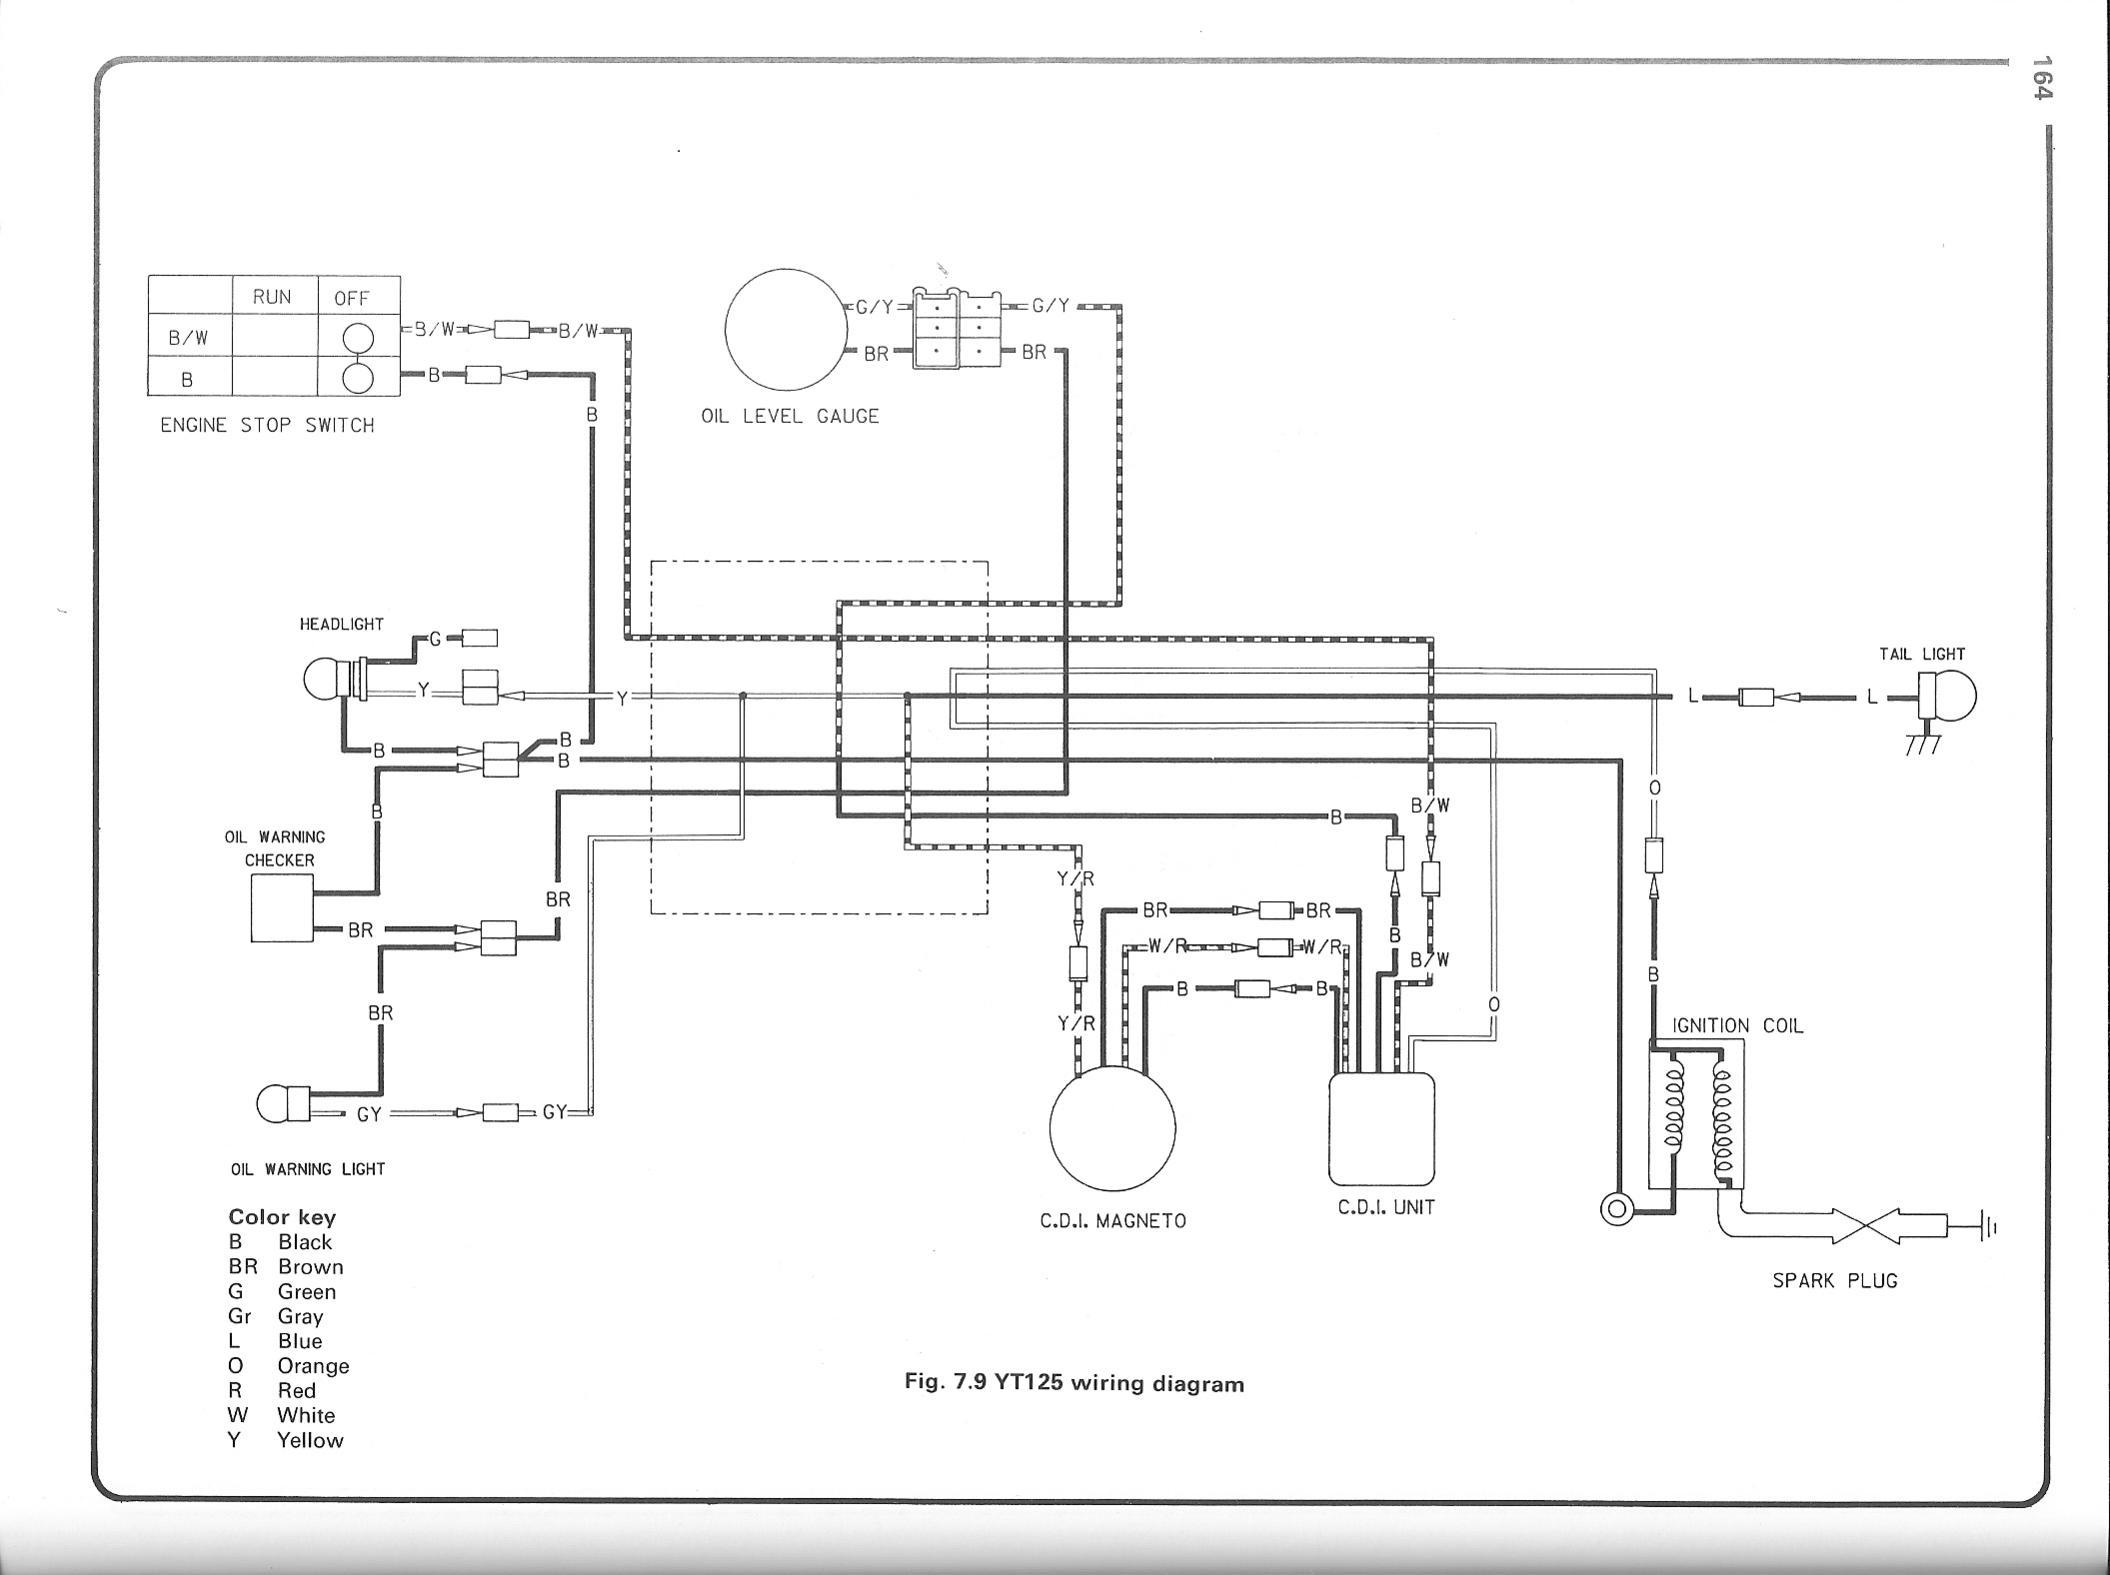 Wonderful wiring diagram yamaha 200cc ideas electrical circuit 3wheeler world yamaha yt125 tri moto wiring diagram pooptronica